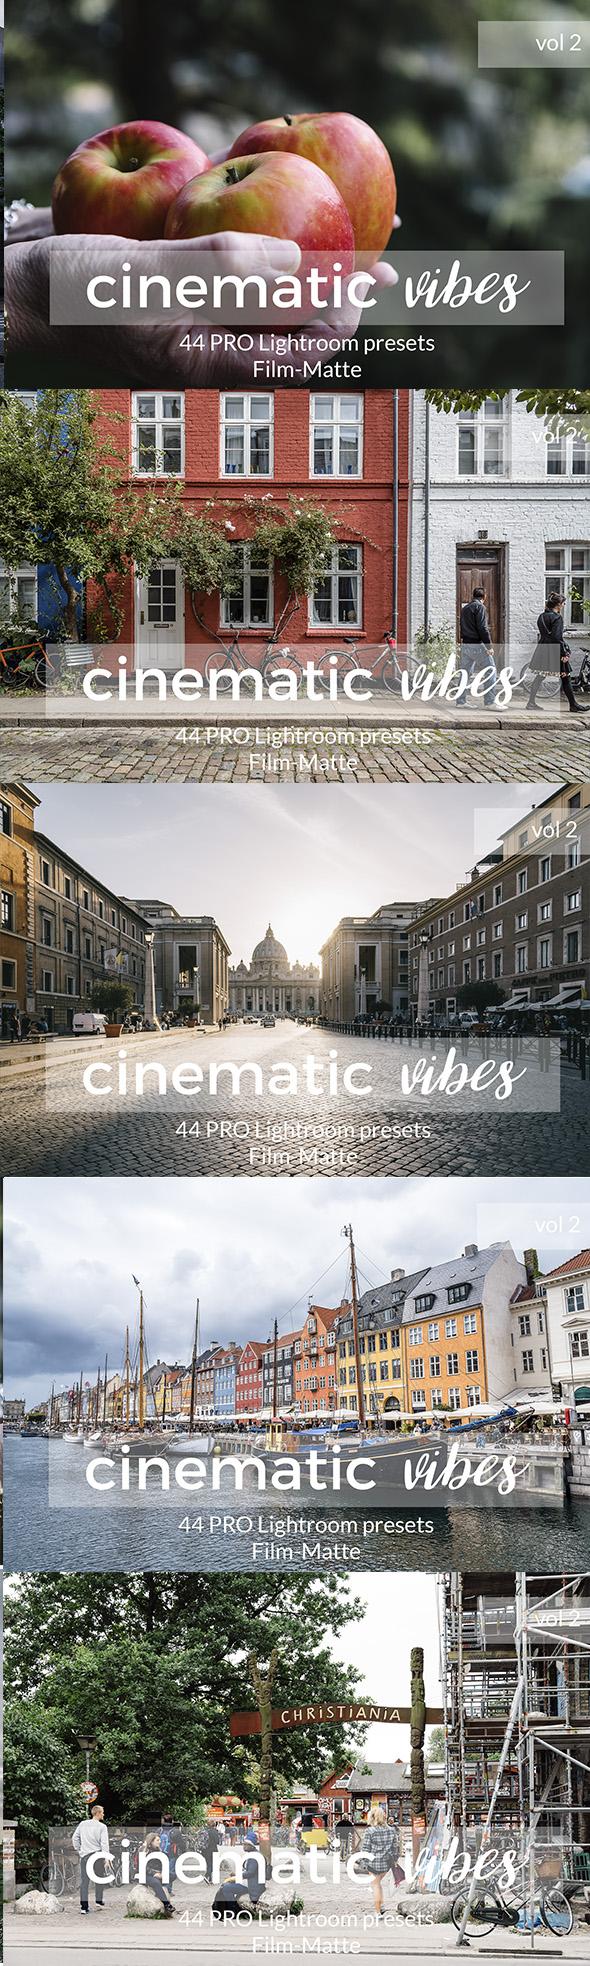 Cinematic Vibes Vol 2 Lightroom Presets - Lightroom Presets Add-ons